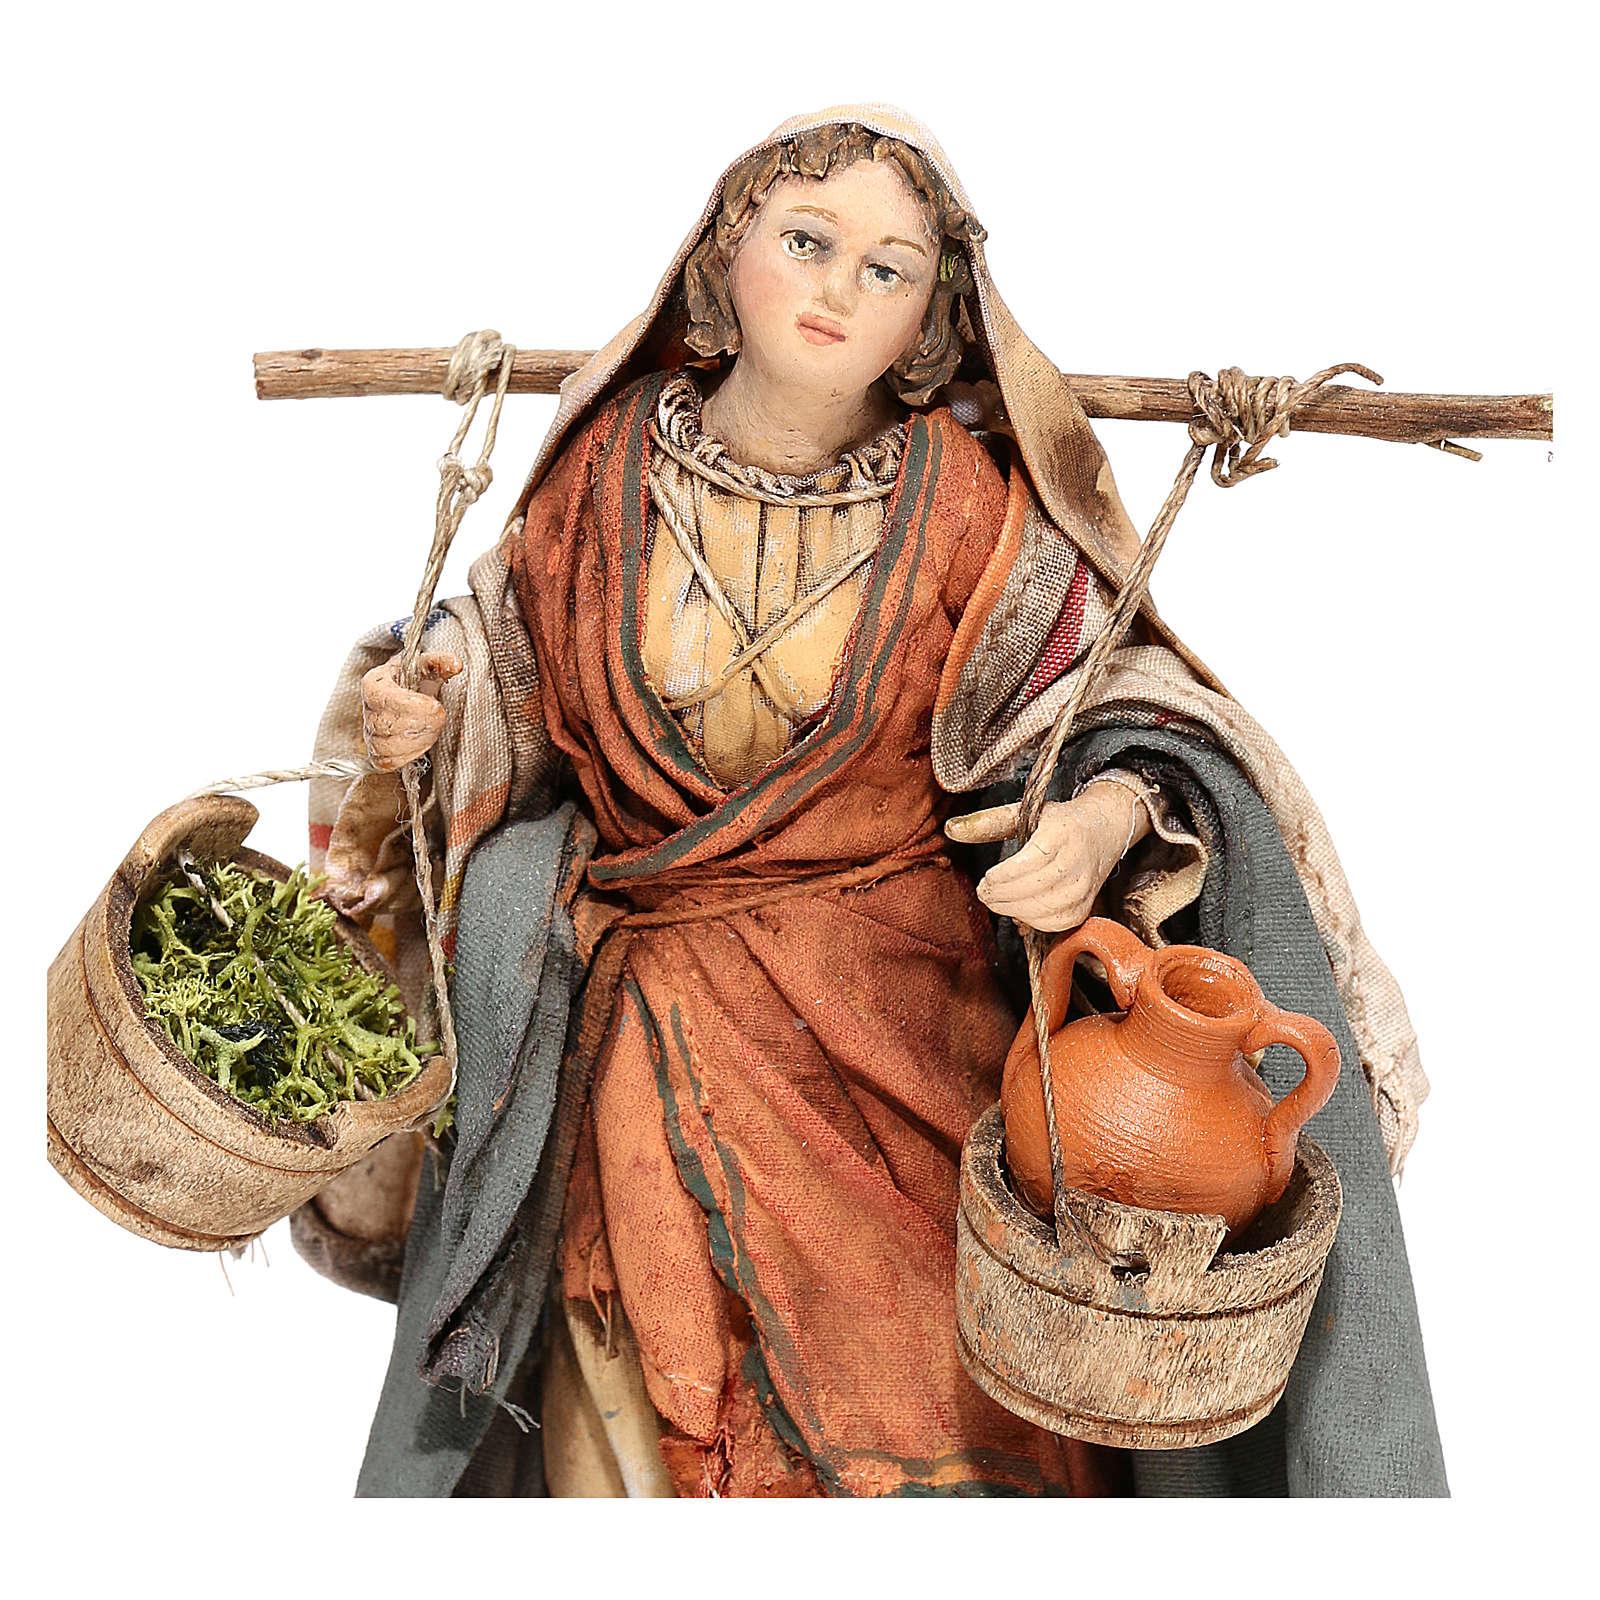 Mujer con ánforas y verduras 13 cm Angela Tripi 4